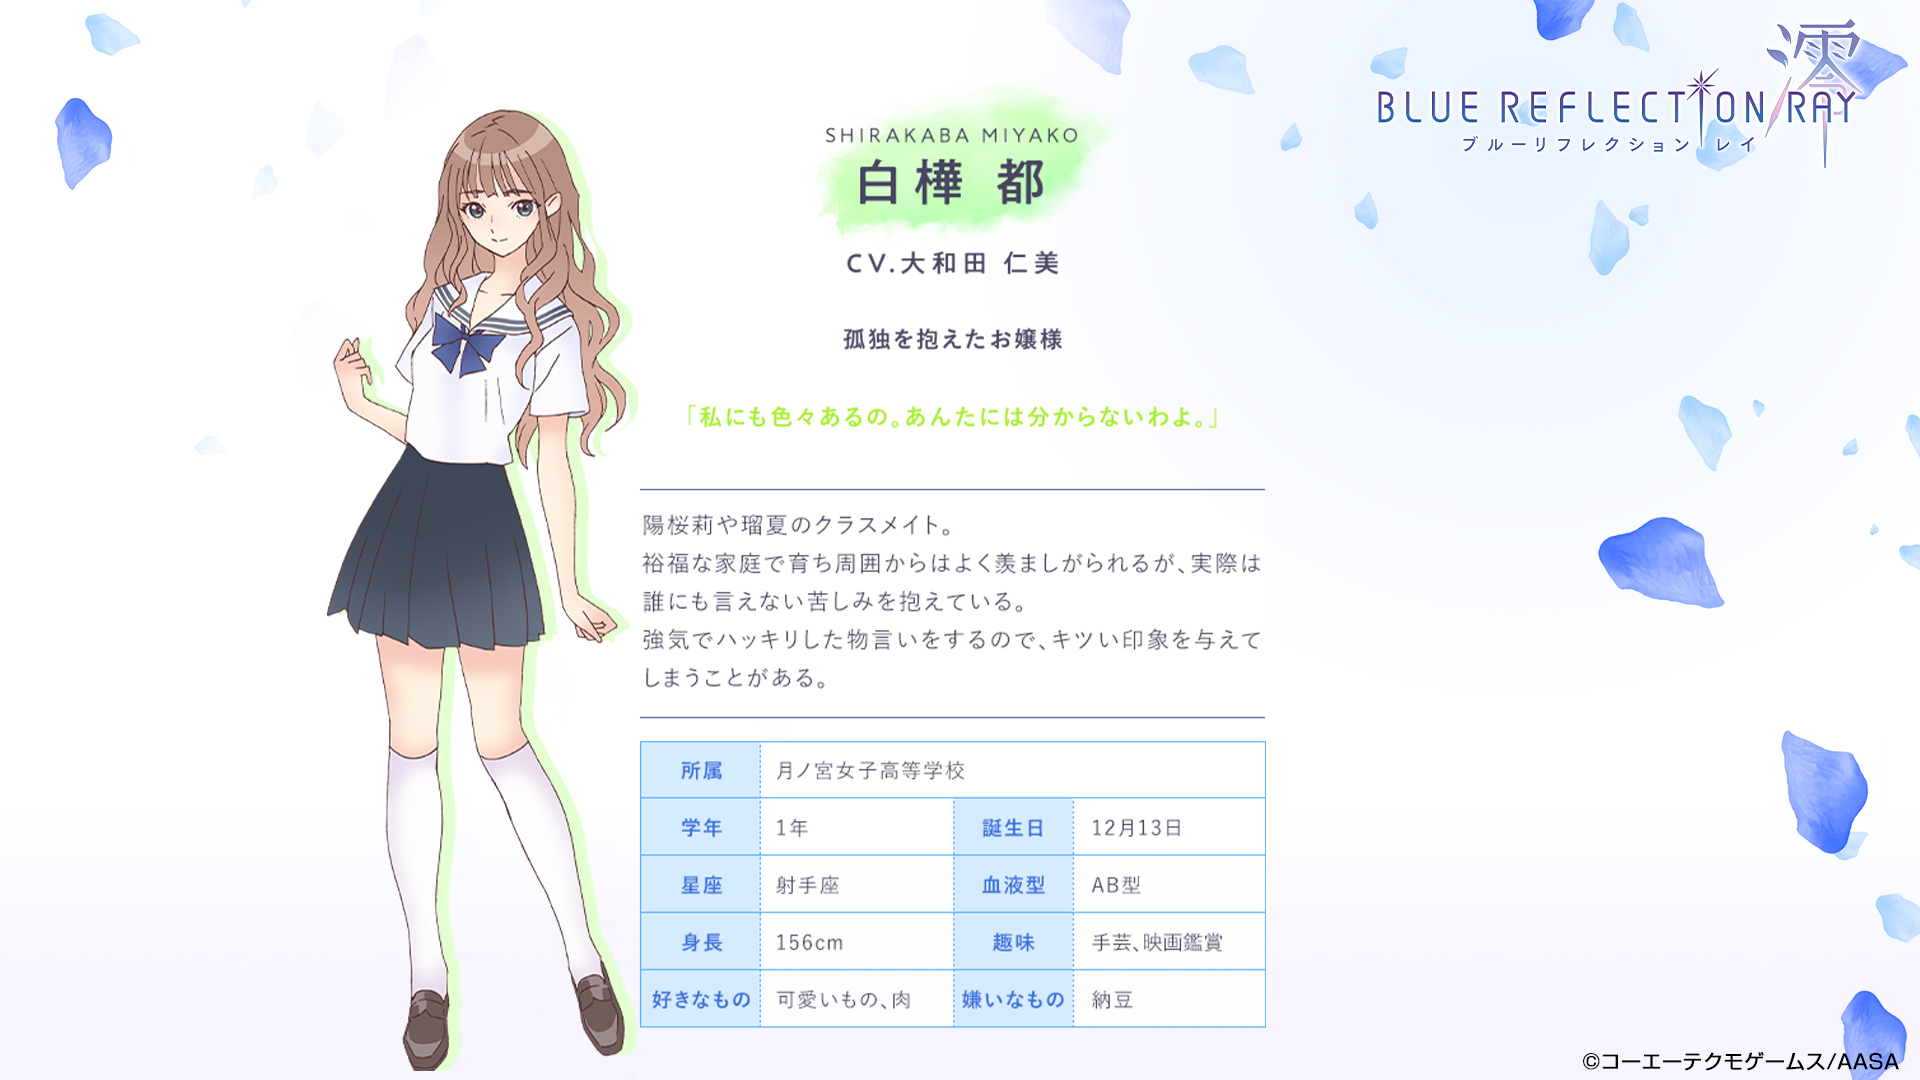 Un escenario de personajes de Miyako Shirakaba, una chica de secundaria con cabello largo, ondulado y castaño claro que está vestida con su uniforme escolar, del próximo anime BLUE REFLECTION RAY / Mio TV.